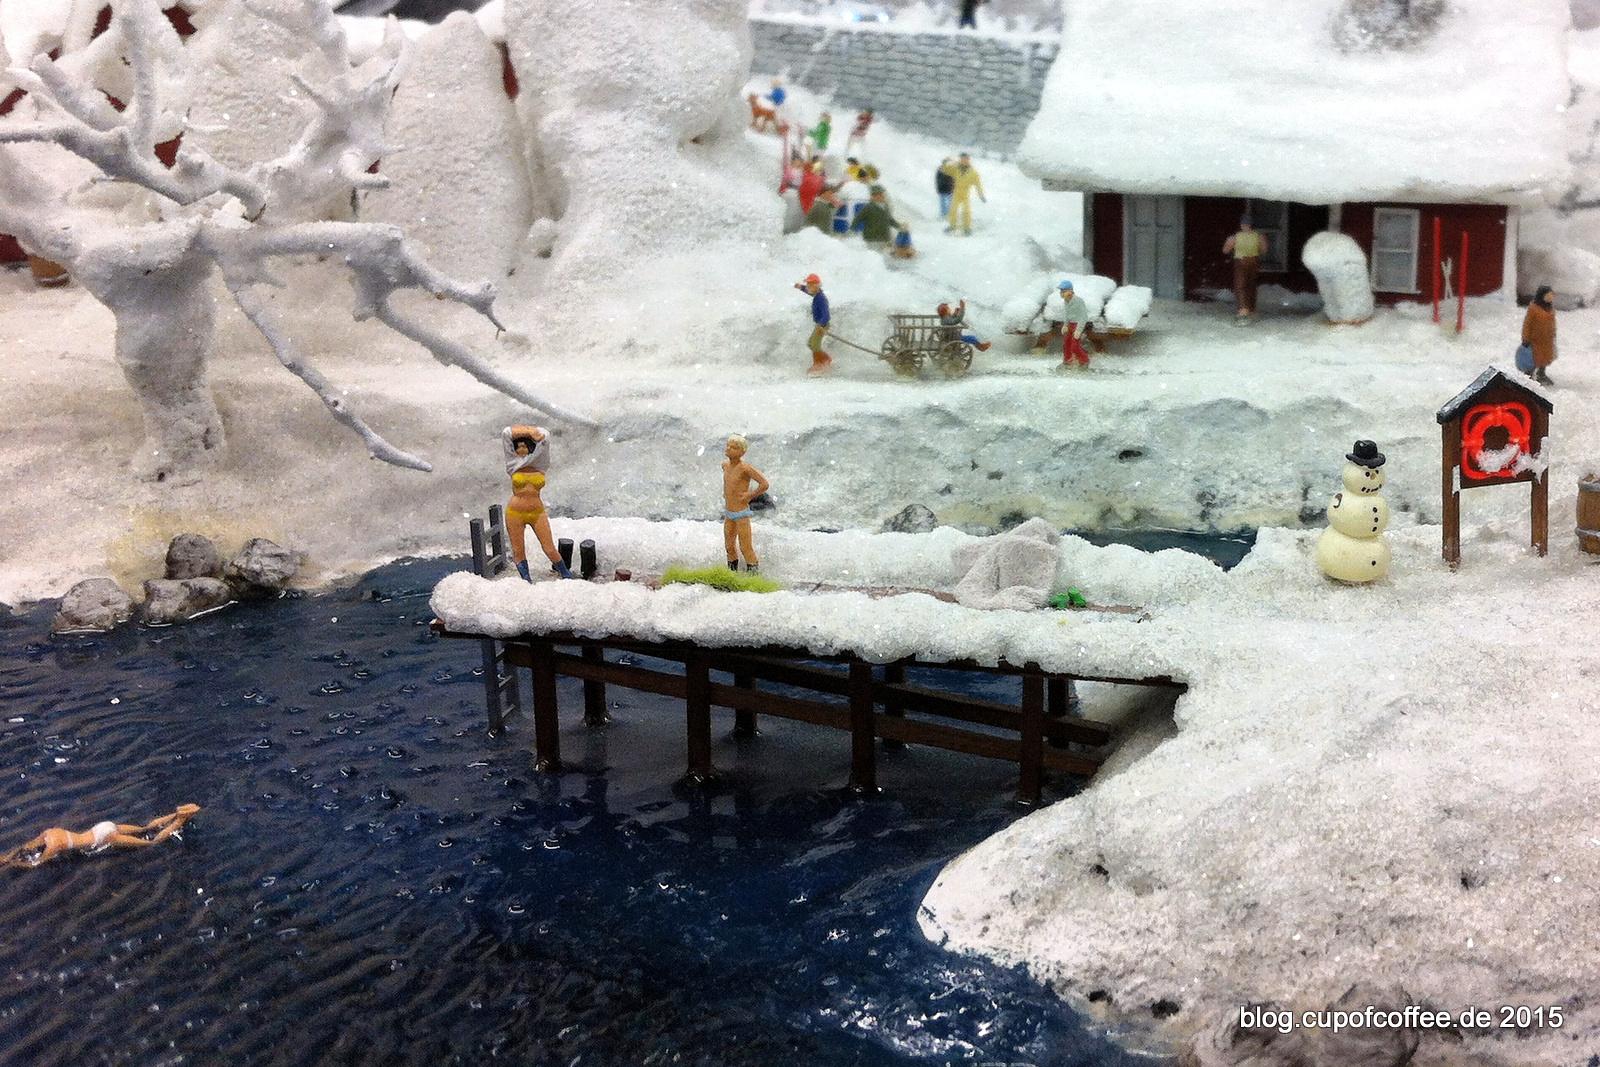 Gerade, wenn der Winter kommt, soll der Mensch sich abhärten. Wir wissen allerdings aus gesicherten Quellen, dass zumindest die Dame auch im Sommer gerne schwimmen geht.